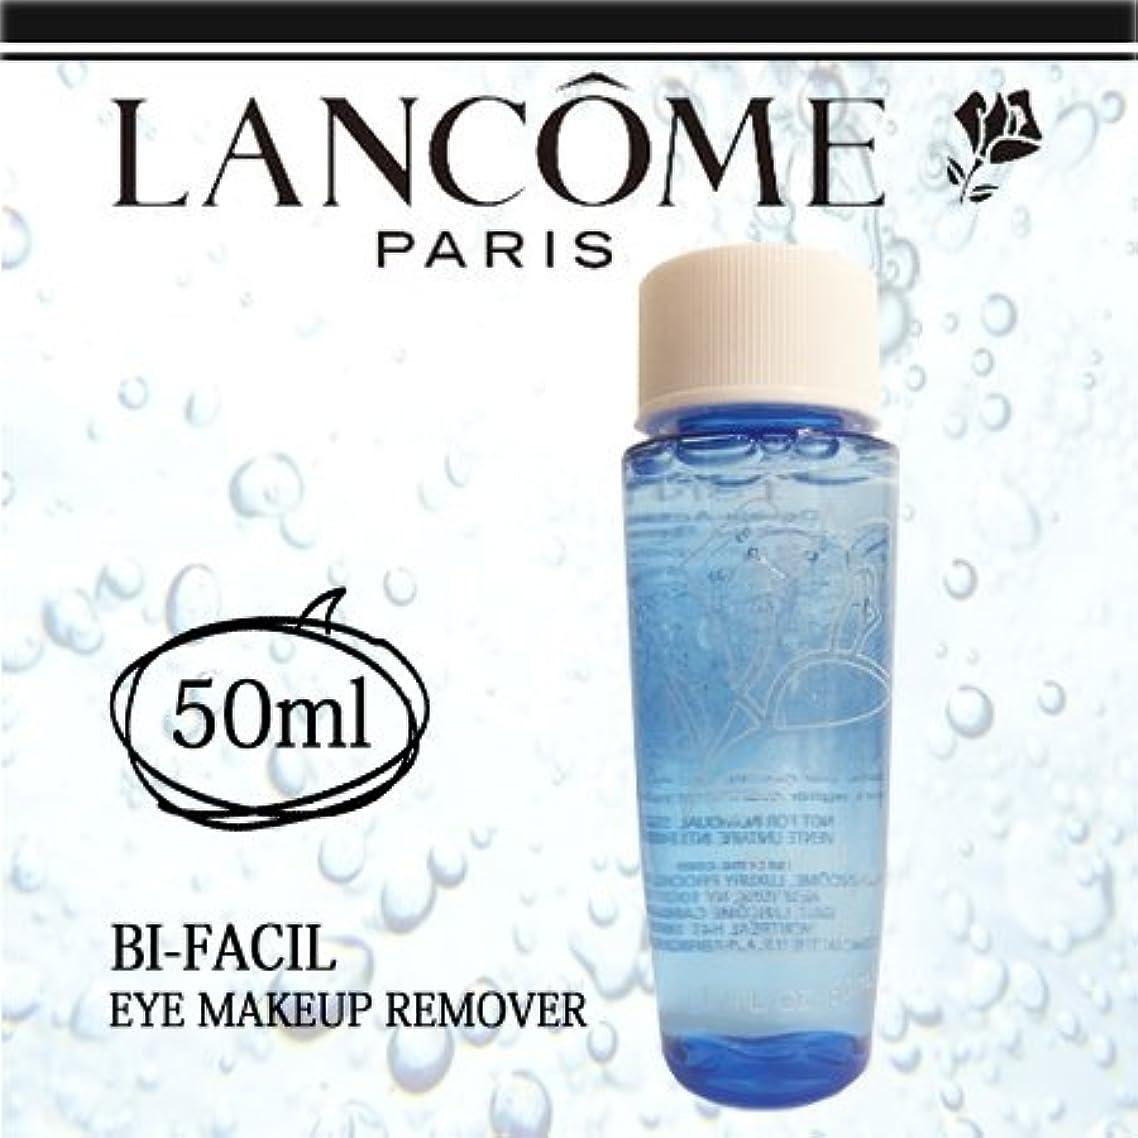 誘発するおもてなし魅惑するランコム ビファシル 50ml -LANCOME-【並行輸入品】